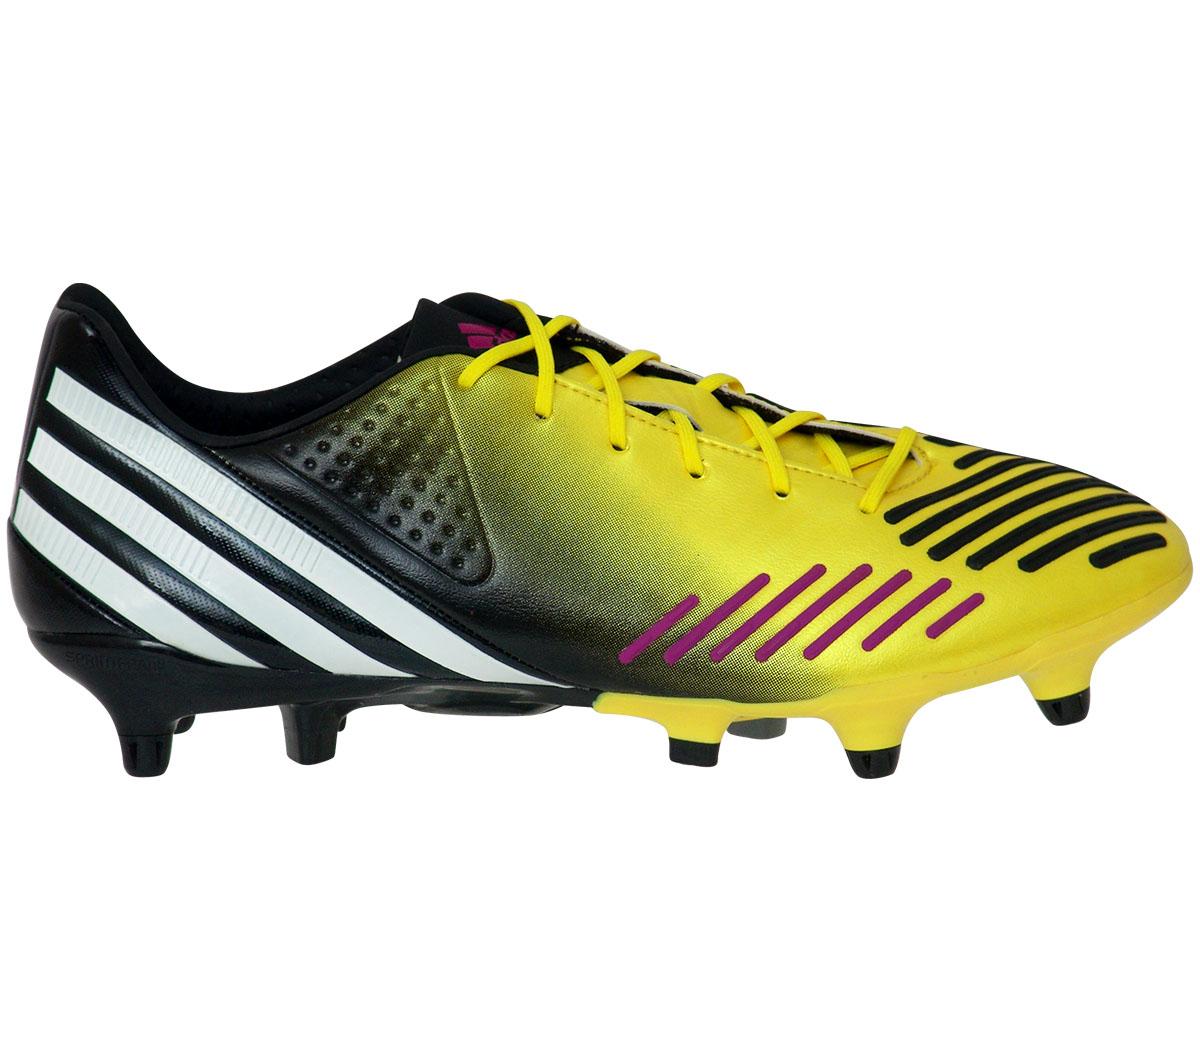 Chuteira Adidas Predator LZ XTRX SG Amarela e Preta - Mundo do Futebol 7b6fd7bb87c80